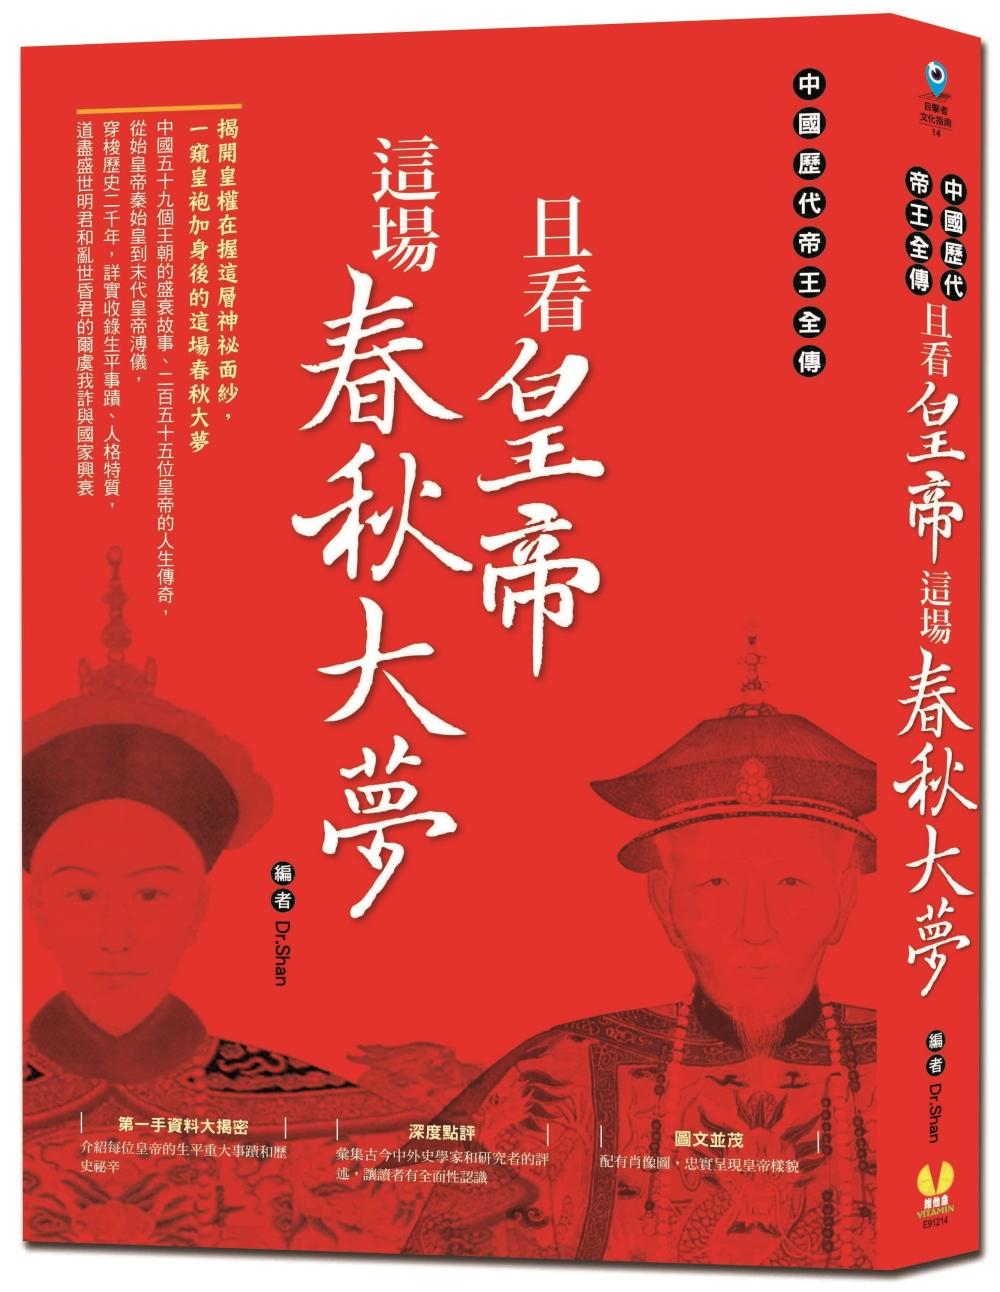 且看皇帝這場春秋大夢:中國歷代帝王全傳,59個王朝的盛衰故事,從秦始皇到溥儀,255位皇帝的人生傳奇